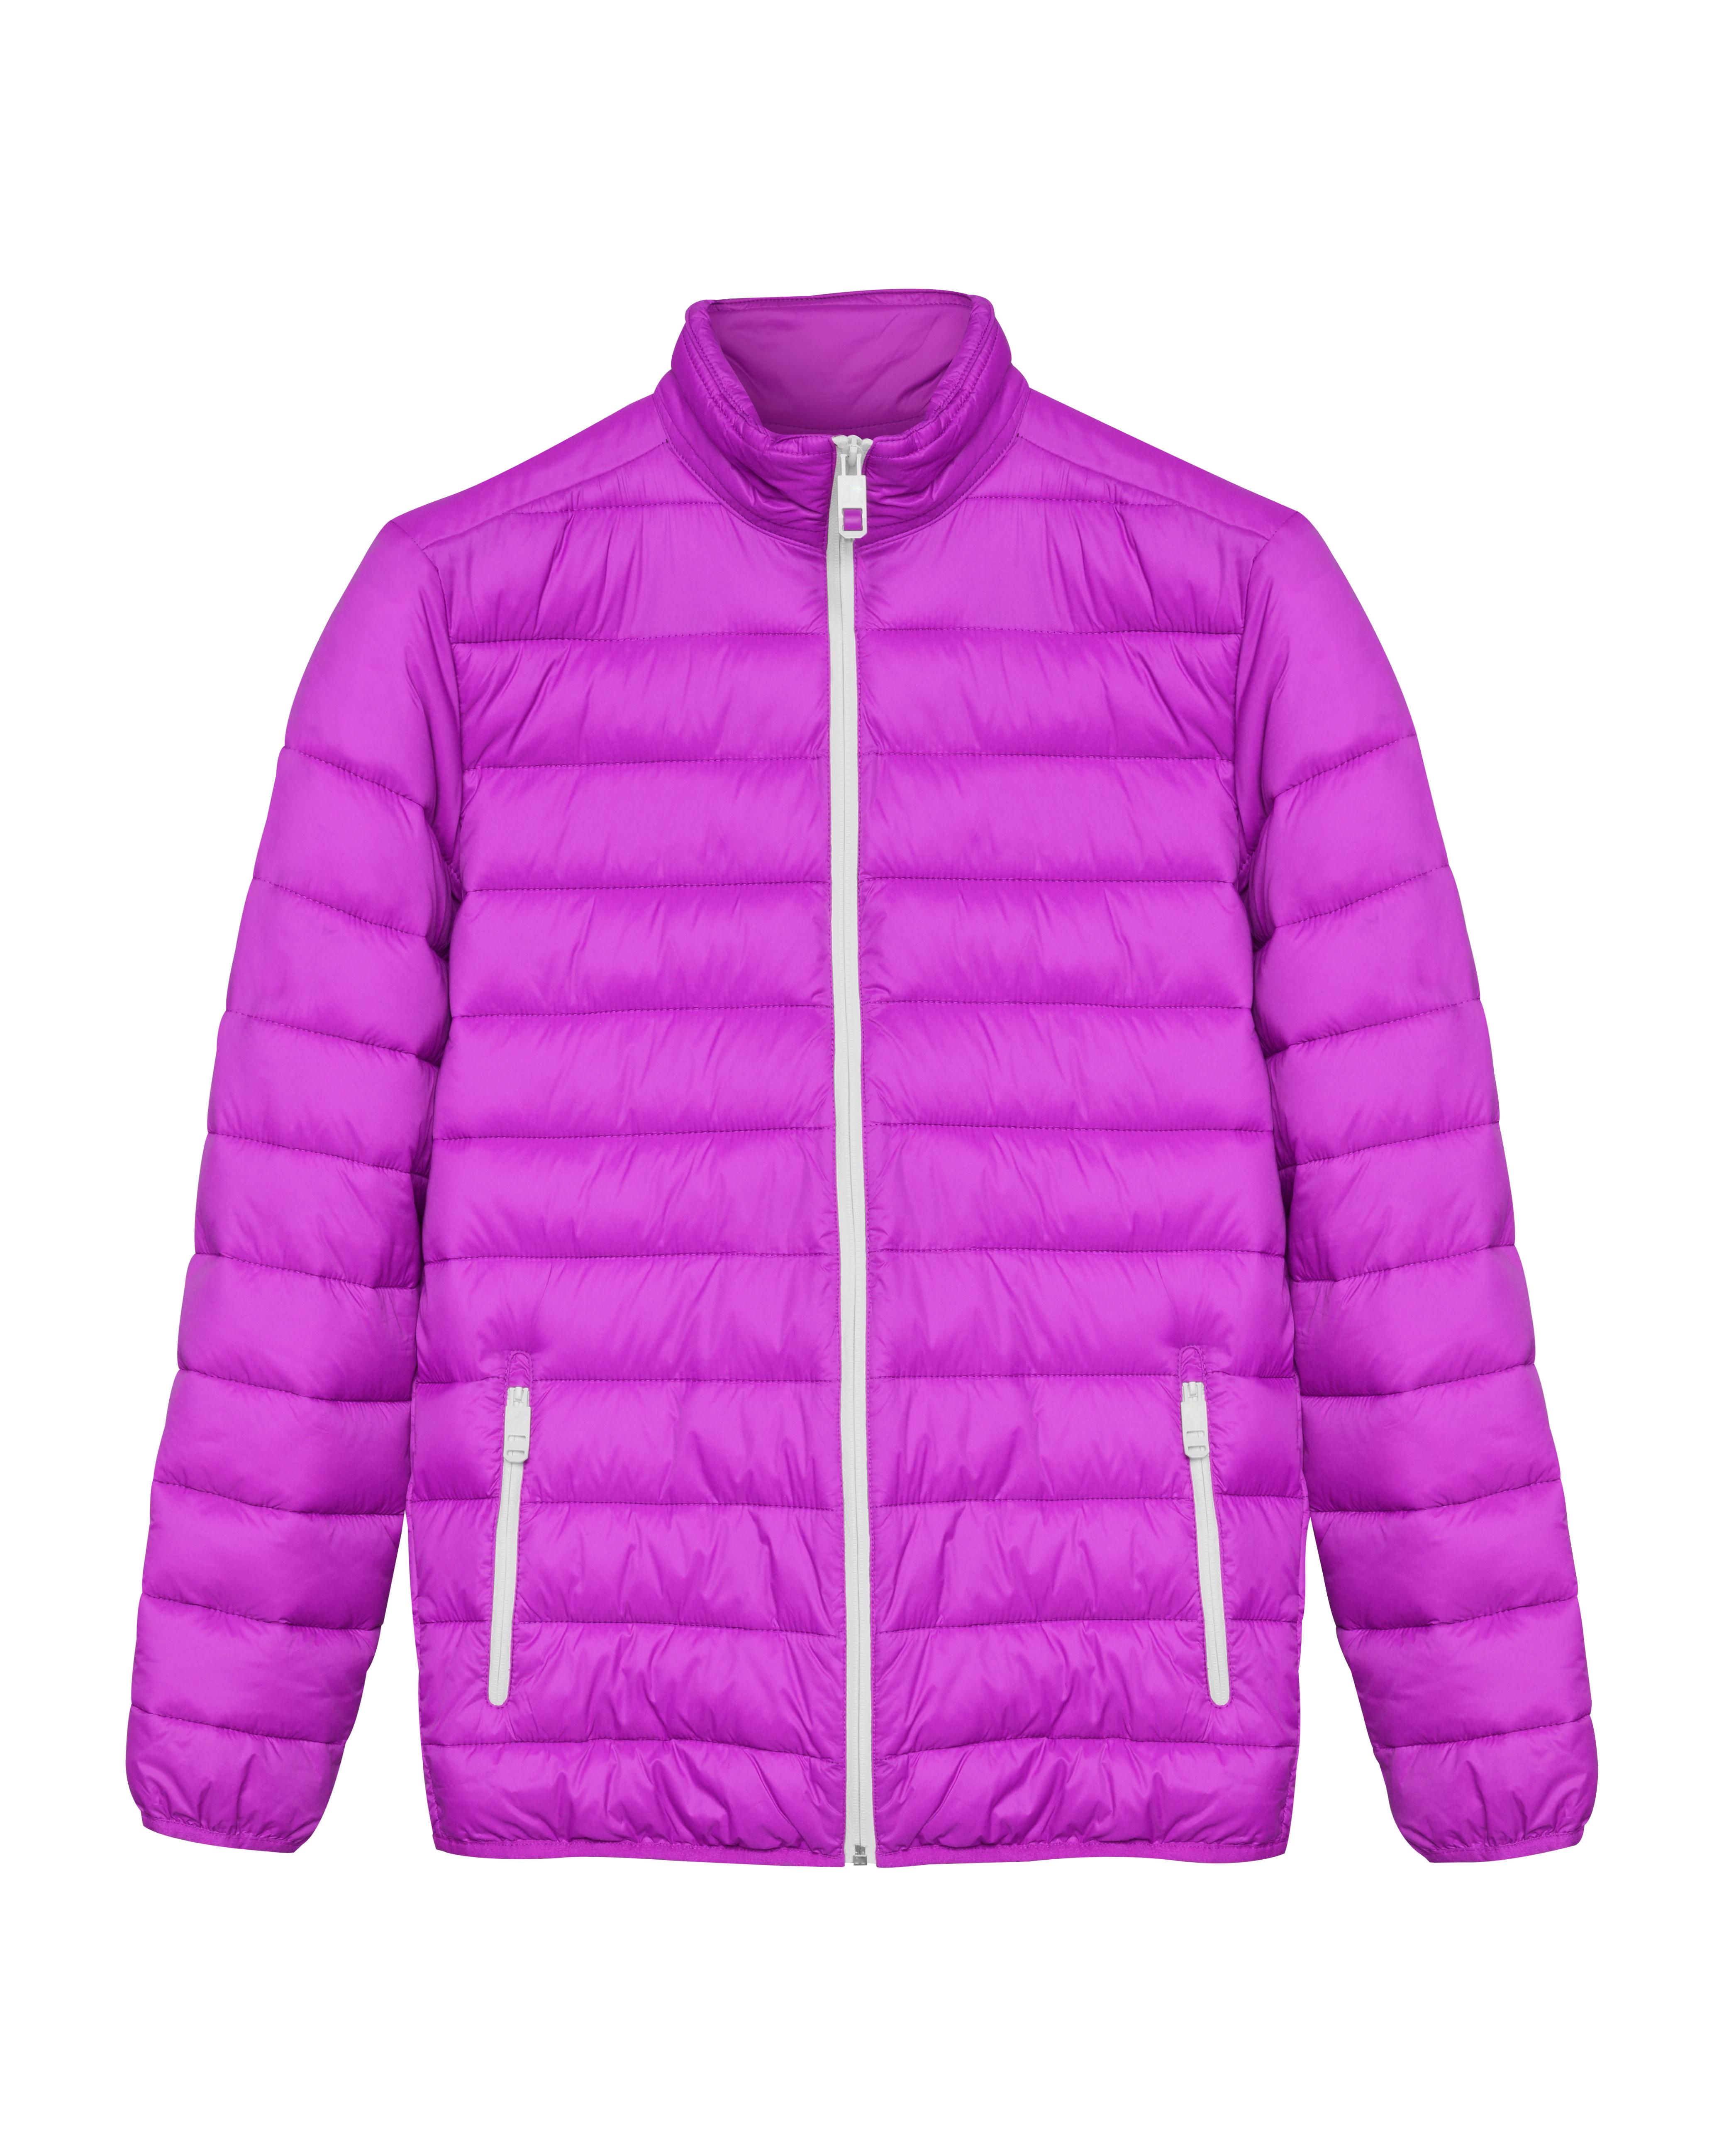 Custom made jackets (52)